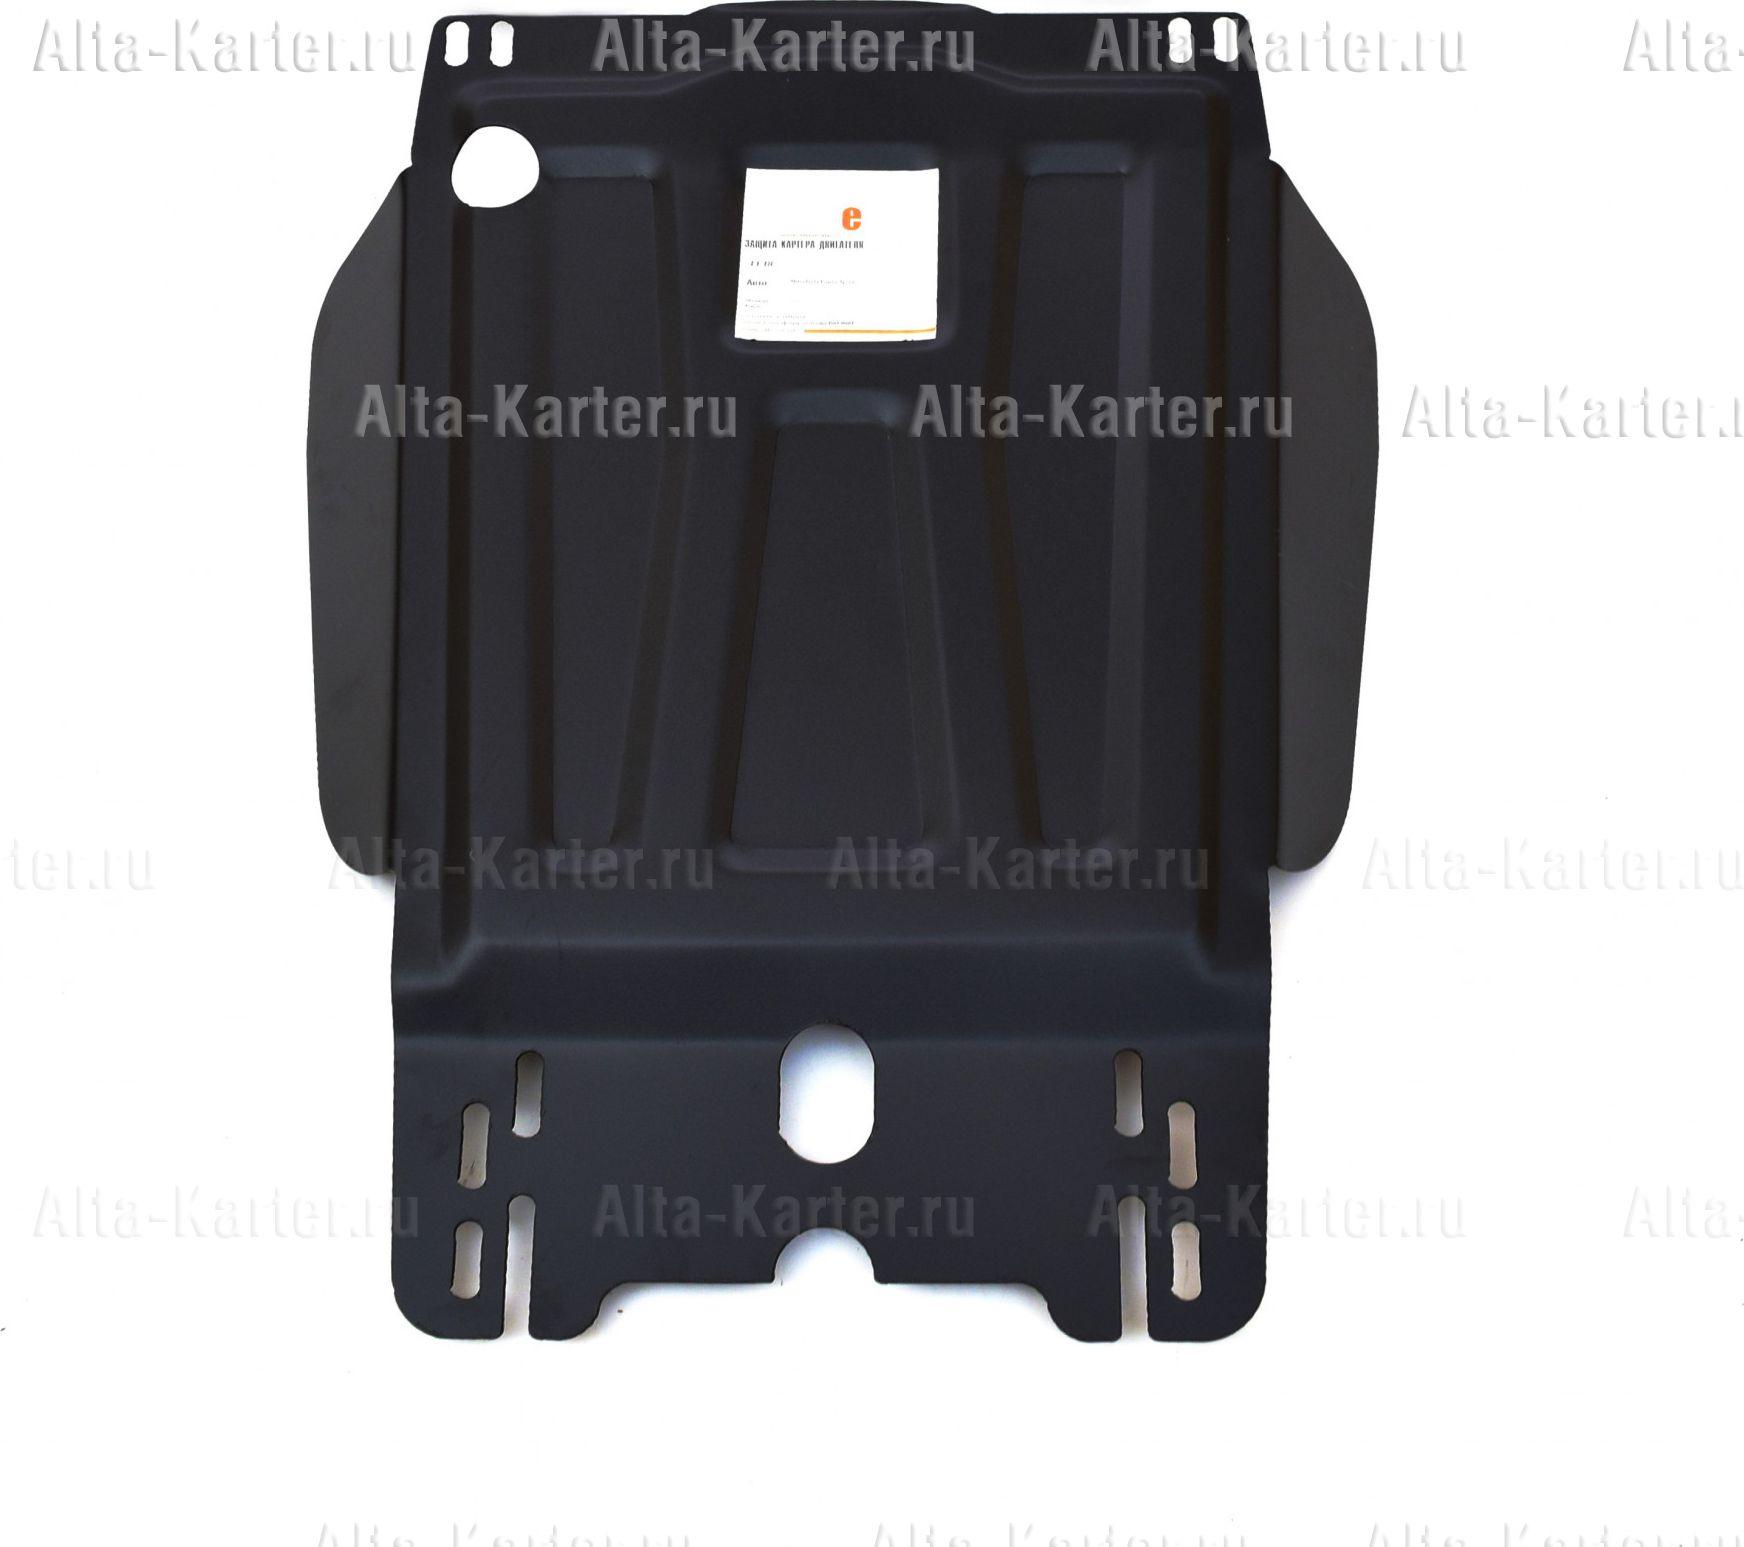 Защита Alfeco для КПП Mitsubishi L200 V 2015-2021. Артикул ALF.14.48st